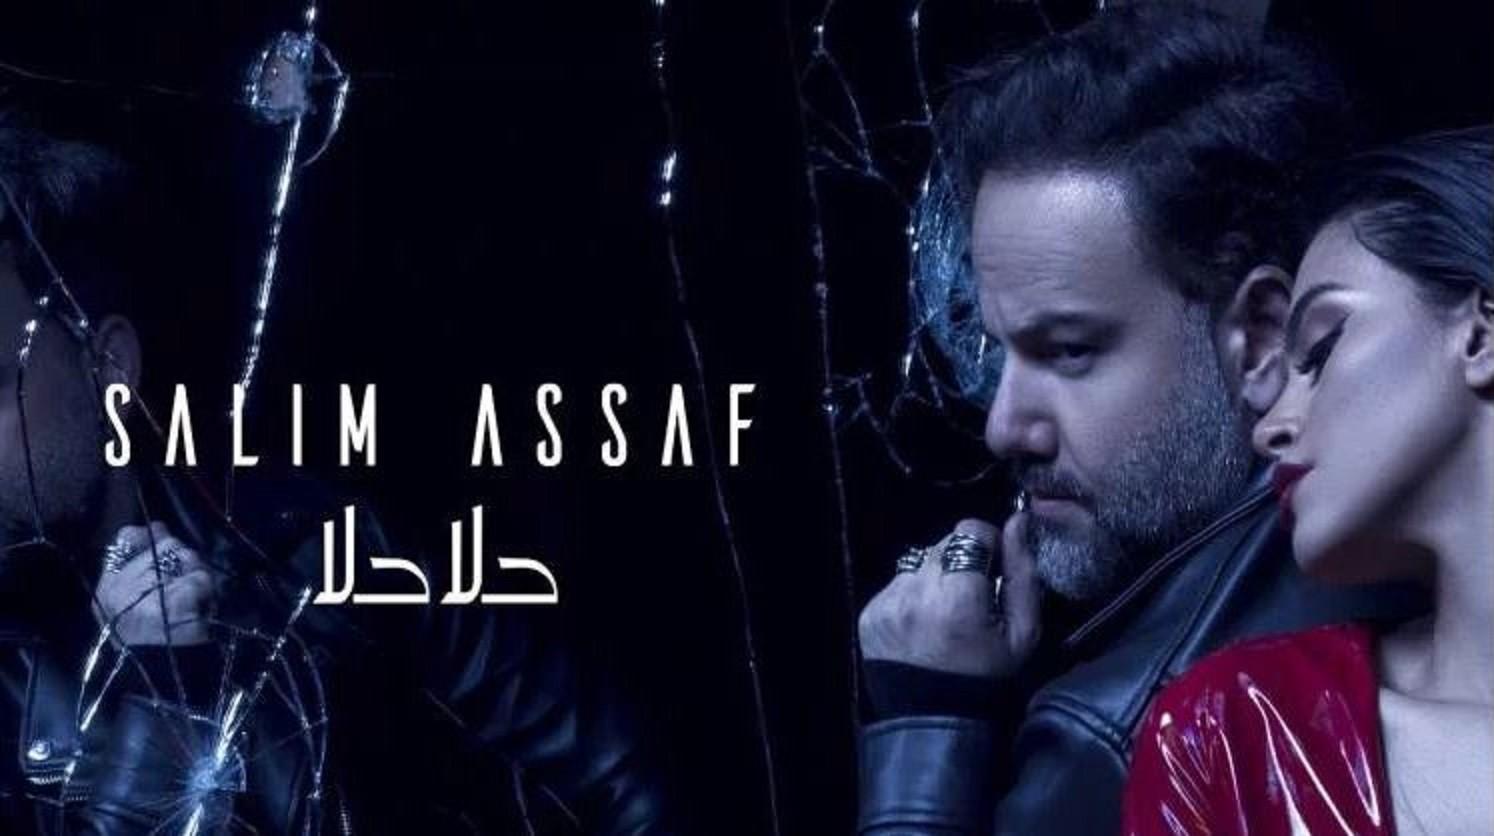 """اغنية """"حلا حلا """" لـ سليم عساف تلقى رواجاً في المغرب-بالصور"""